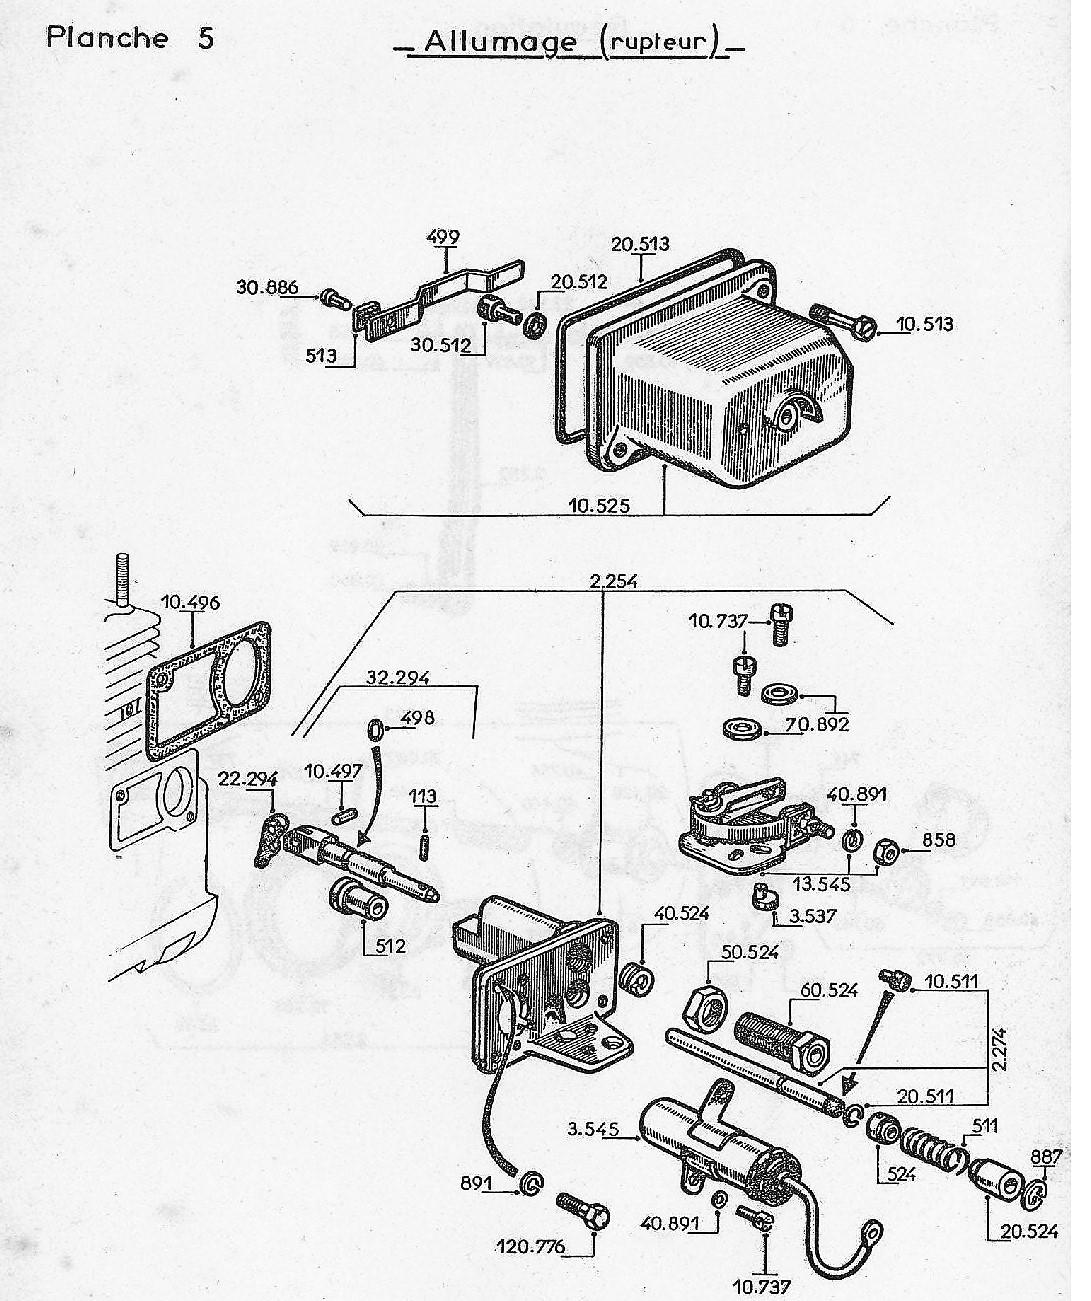 vue eclatee allumage rupteur W112/Bis/Ter